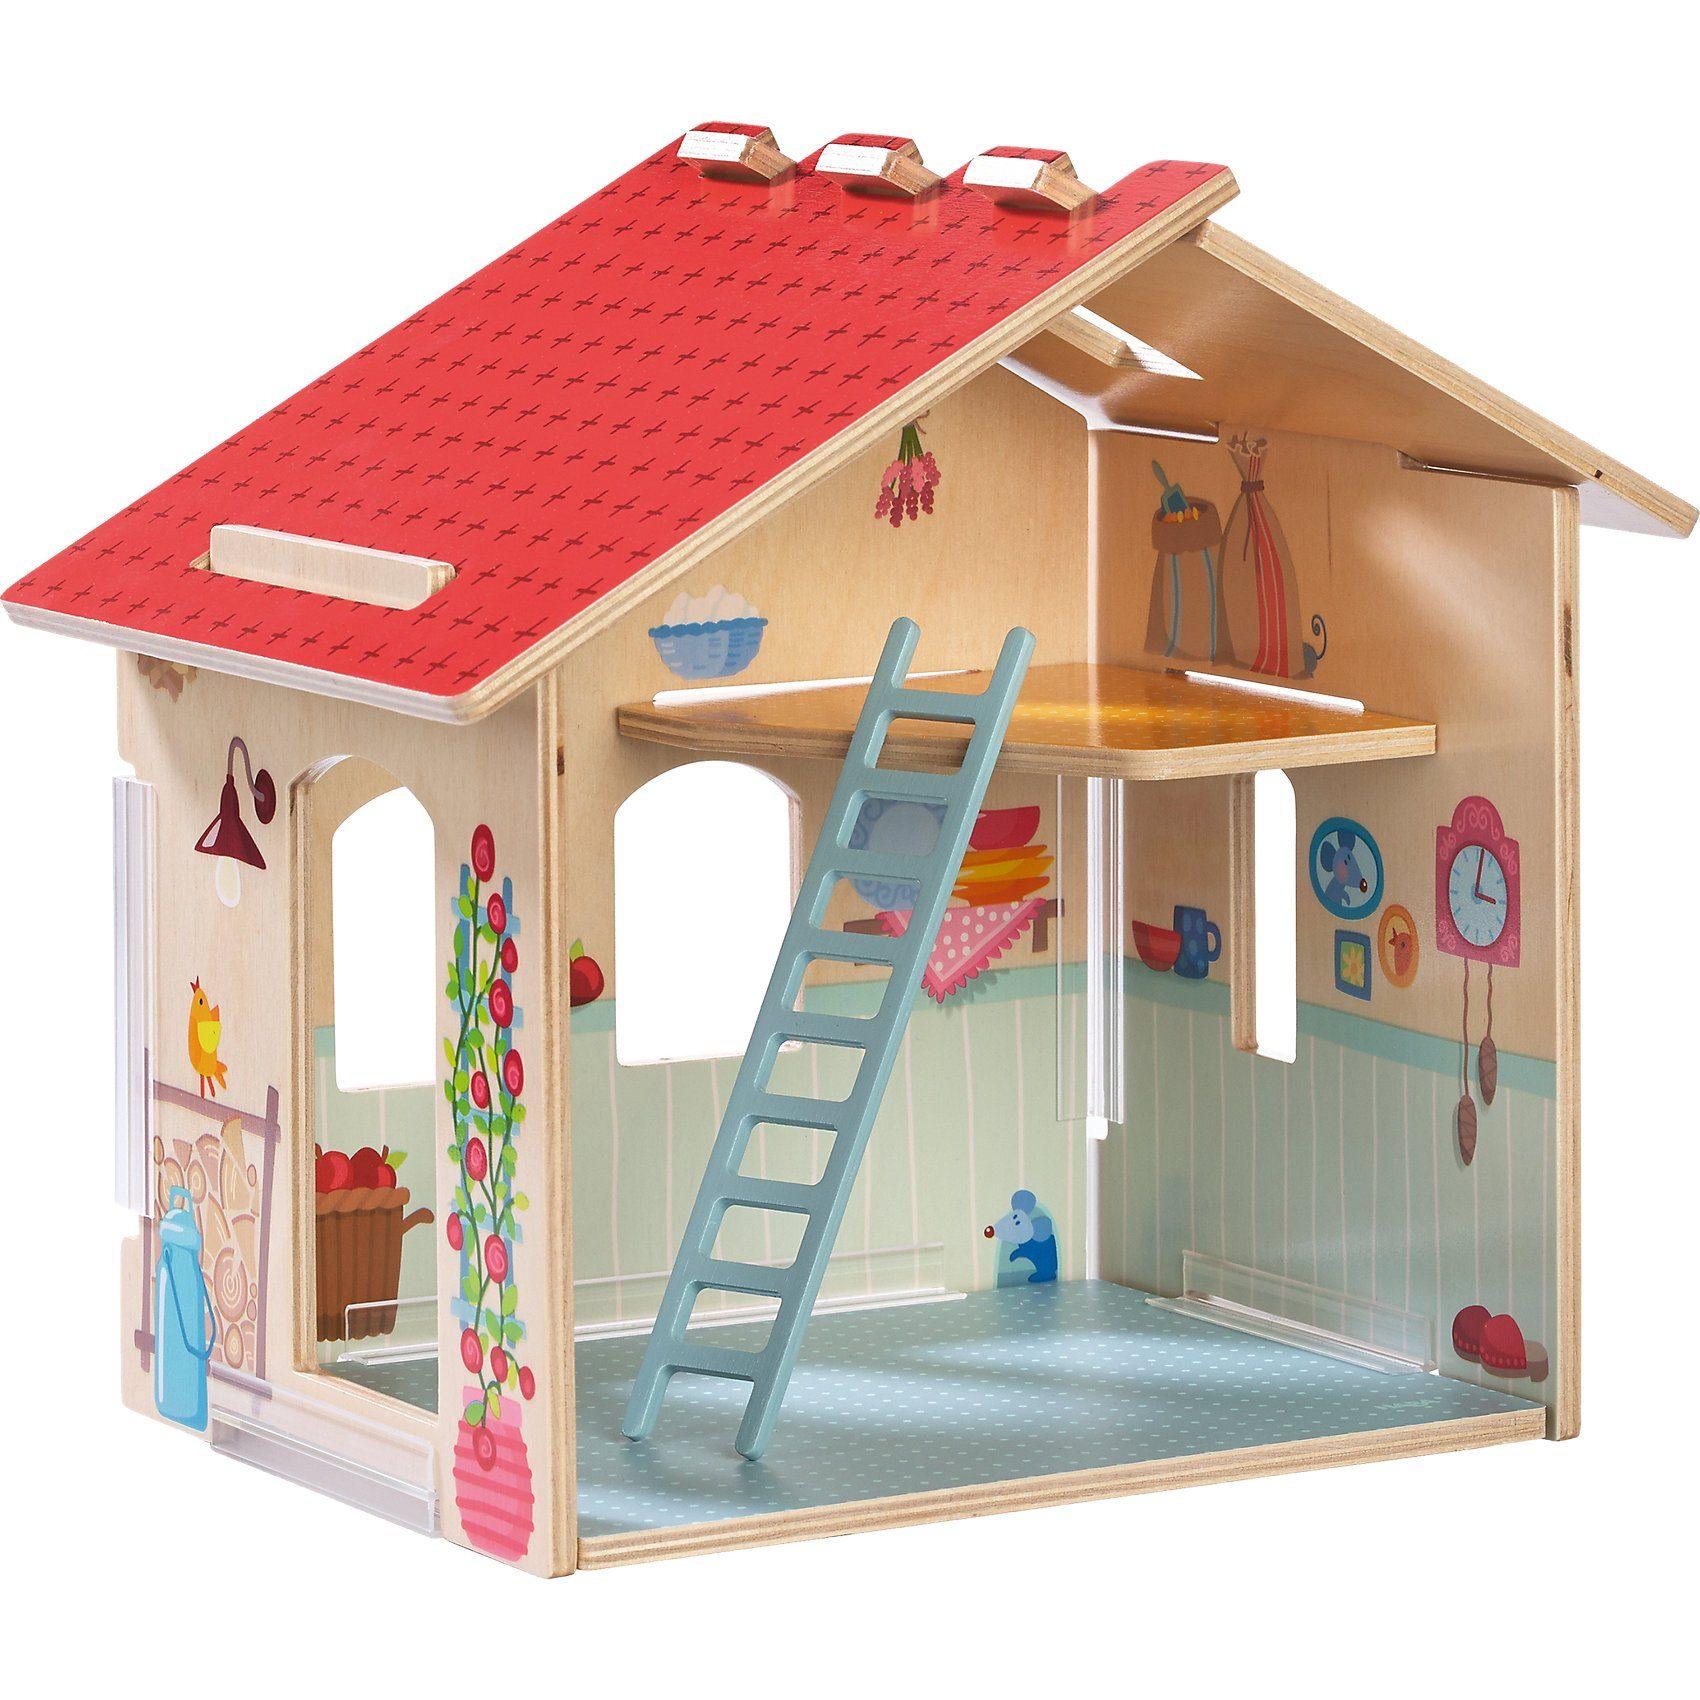 Haba 303003 Little Friends Bauernhof Bauernhaus